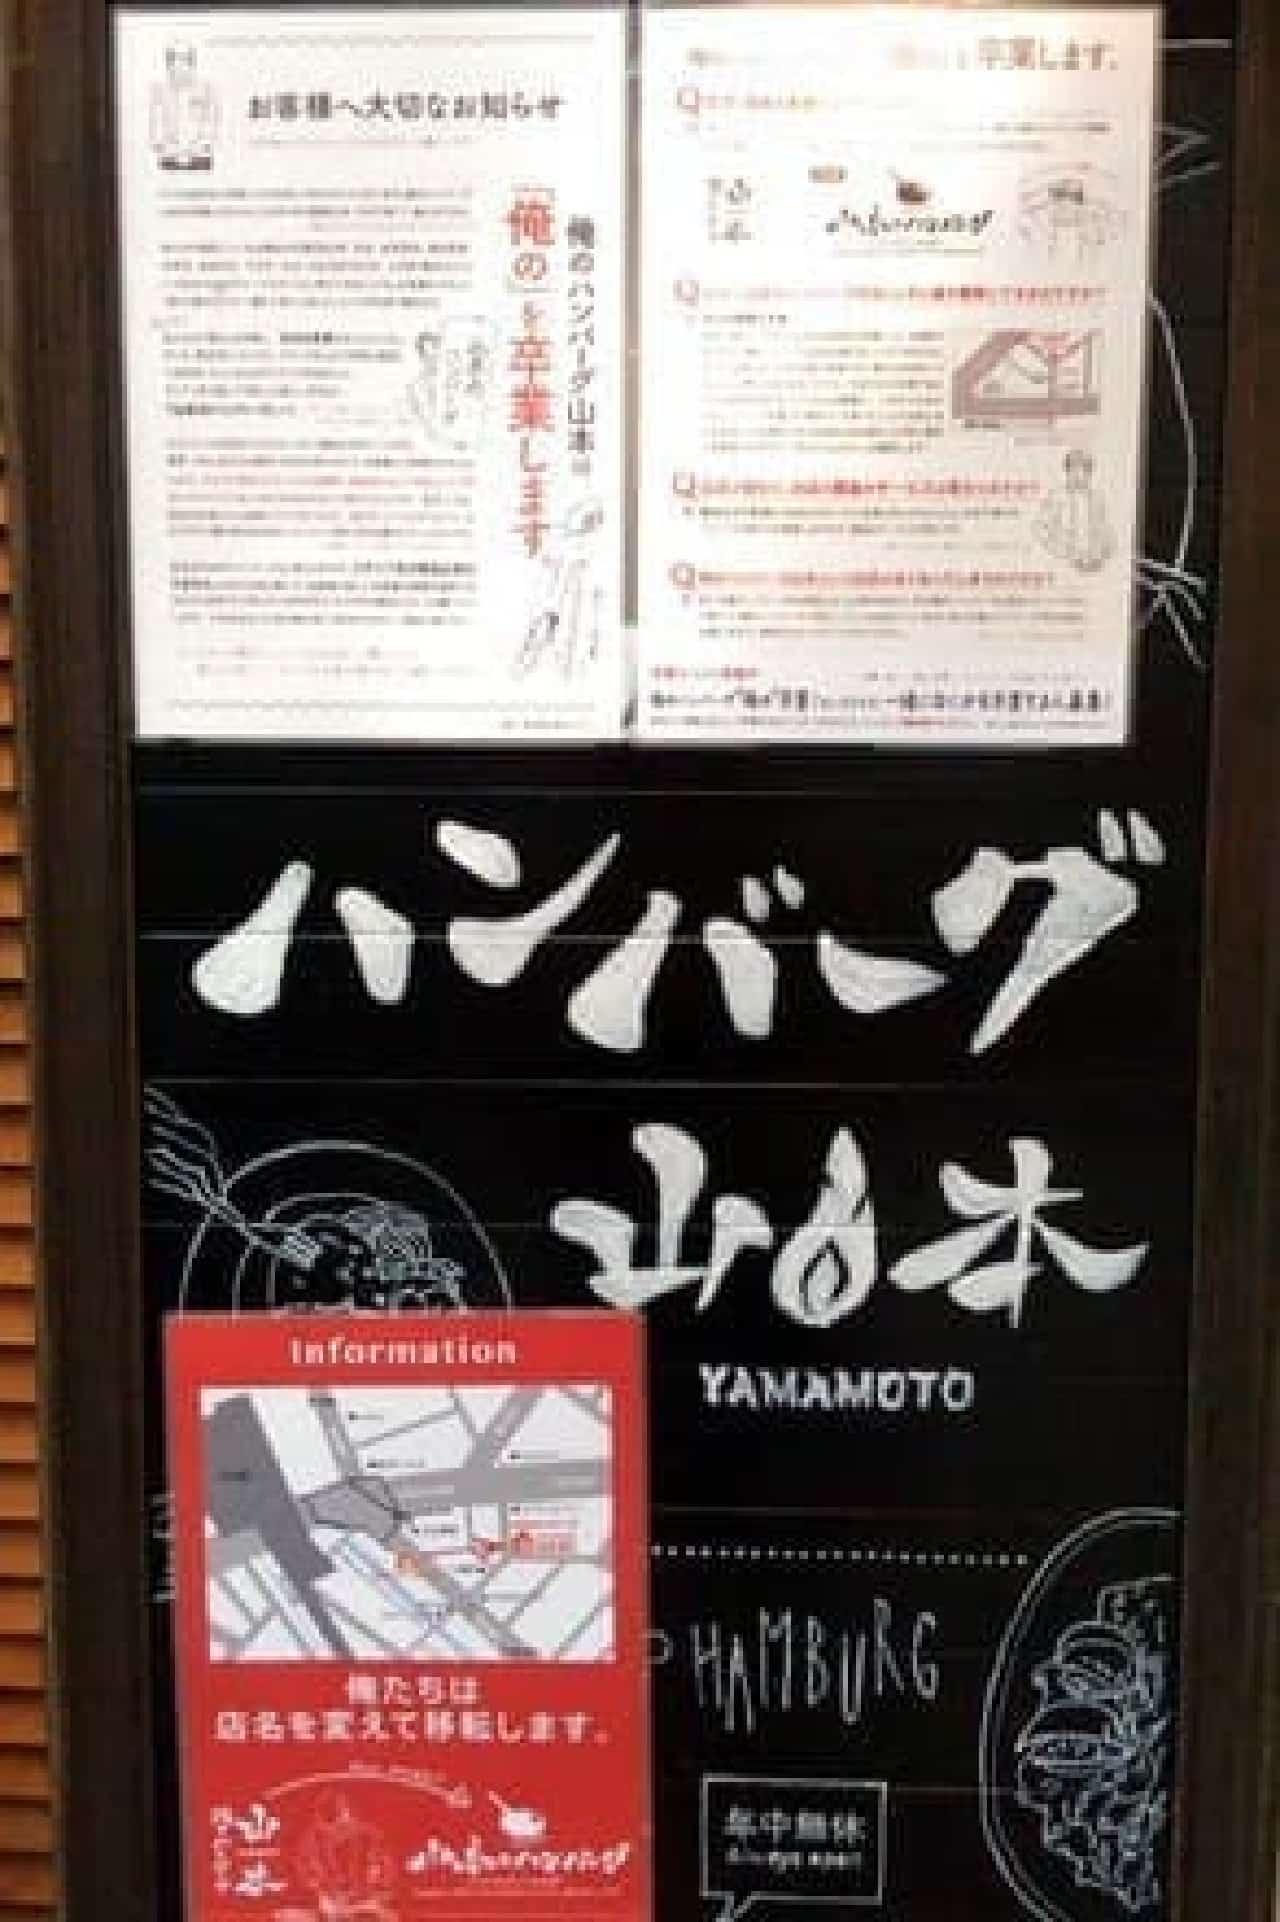 俺のハンバーグ山本渋谷店、店頭の移転を知らせるチラシ